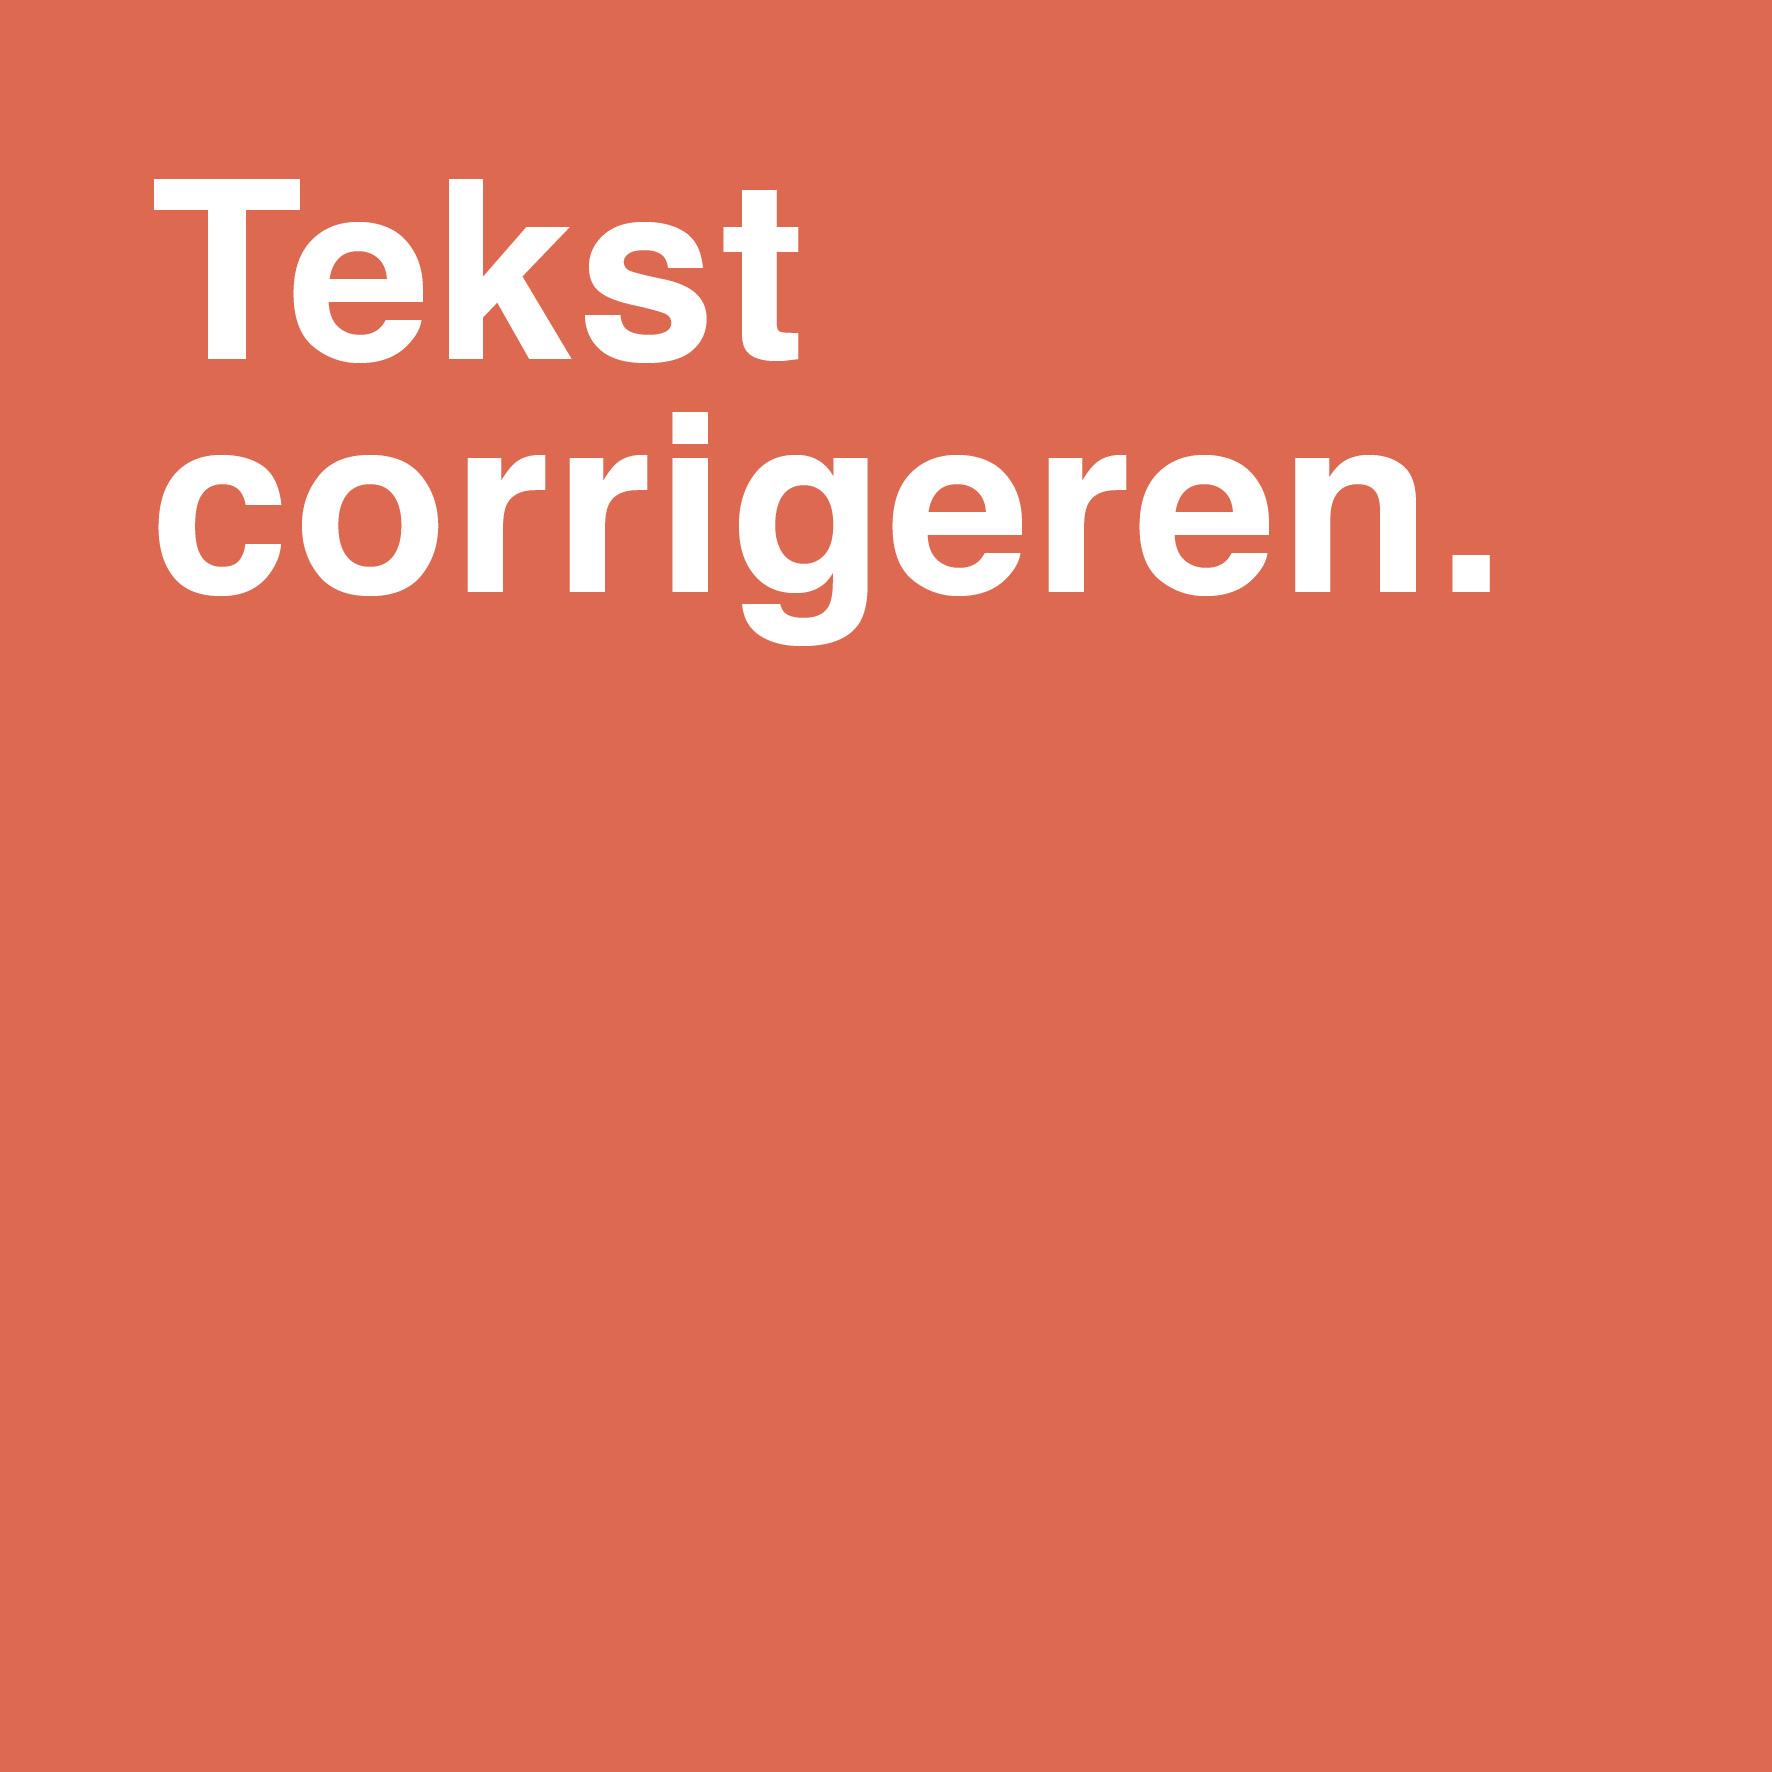 Tekst redigeren/corrigeren in Word: voorbeeld